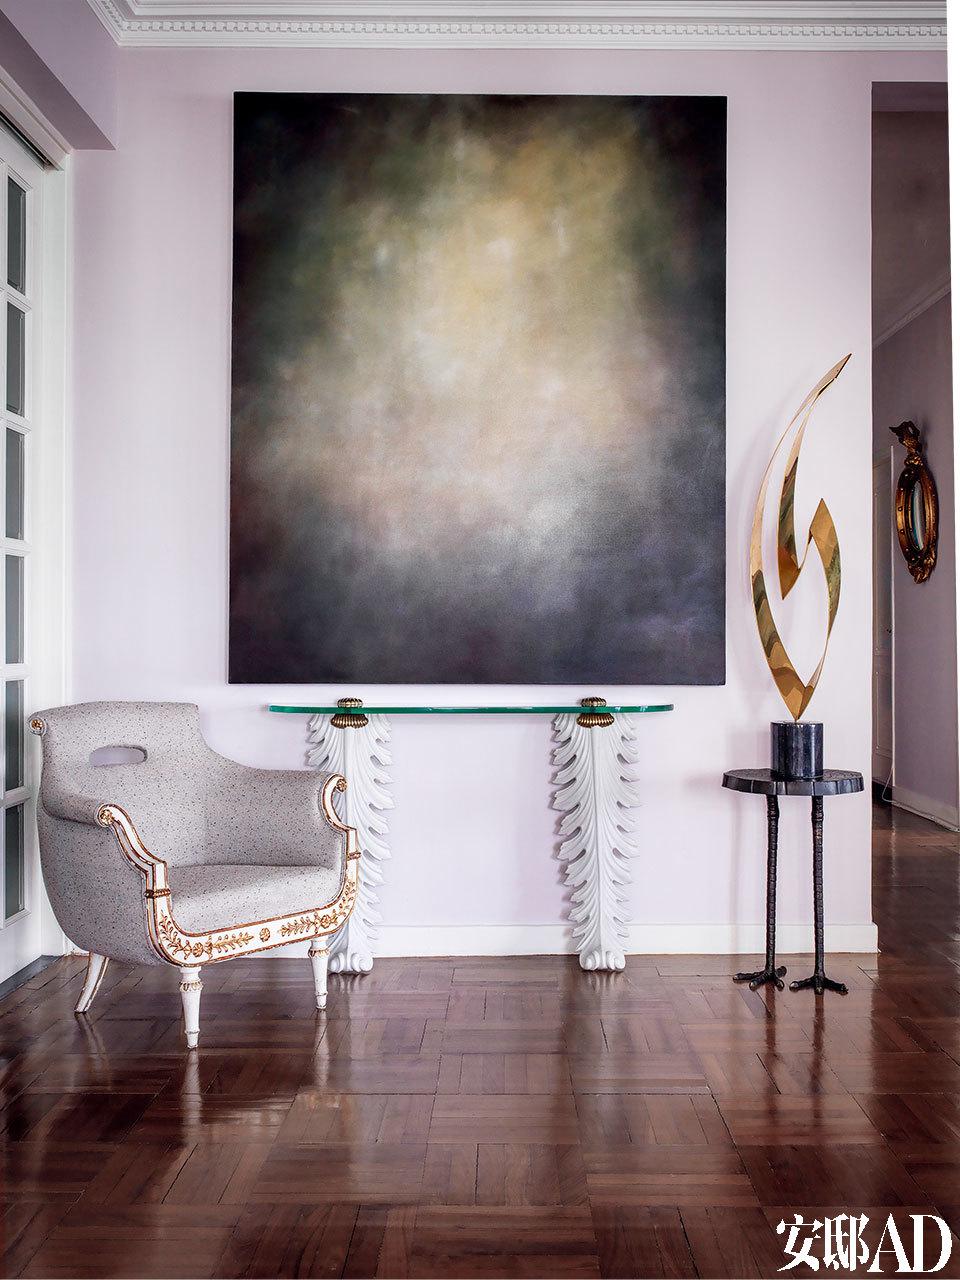 上世纪20年代的意大利扶手椅被覆以来自香港的古董面料。墙上挂着的是Thomas Darnell的画作,来自The Cat Street Gallery。